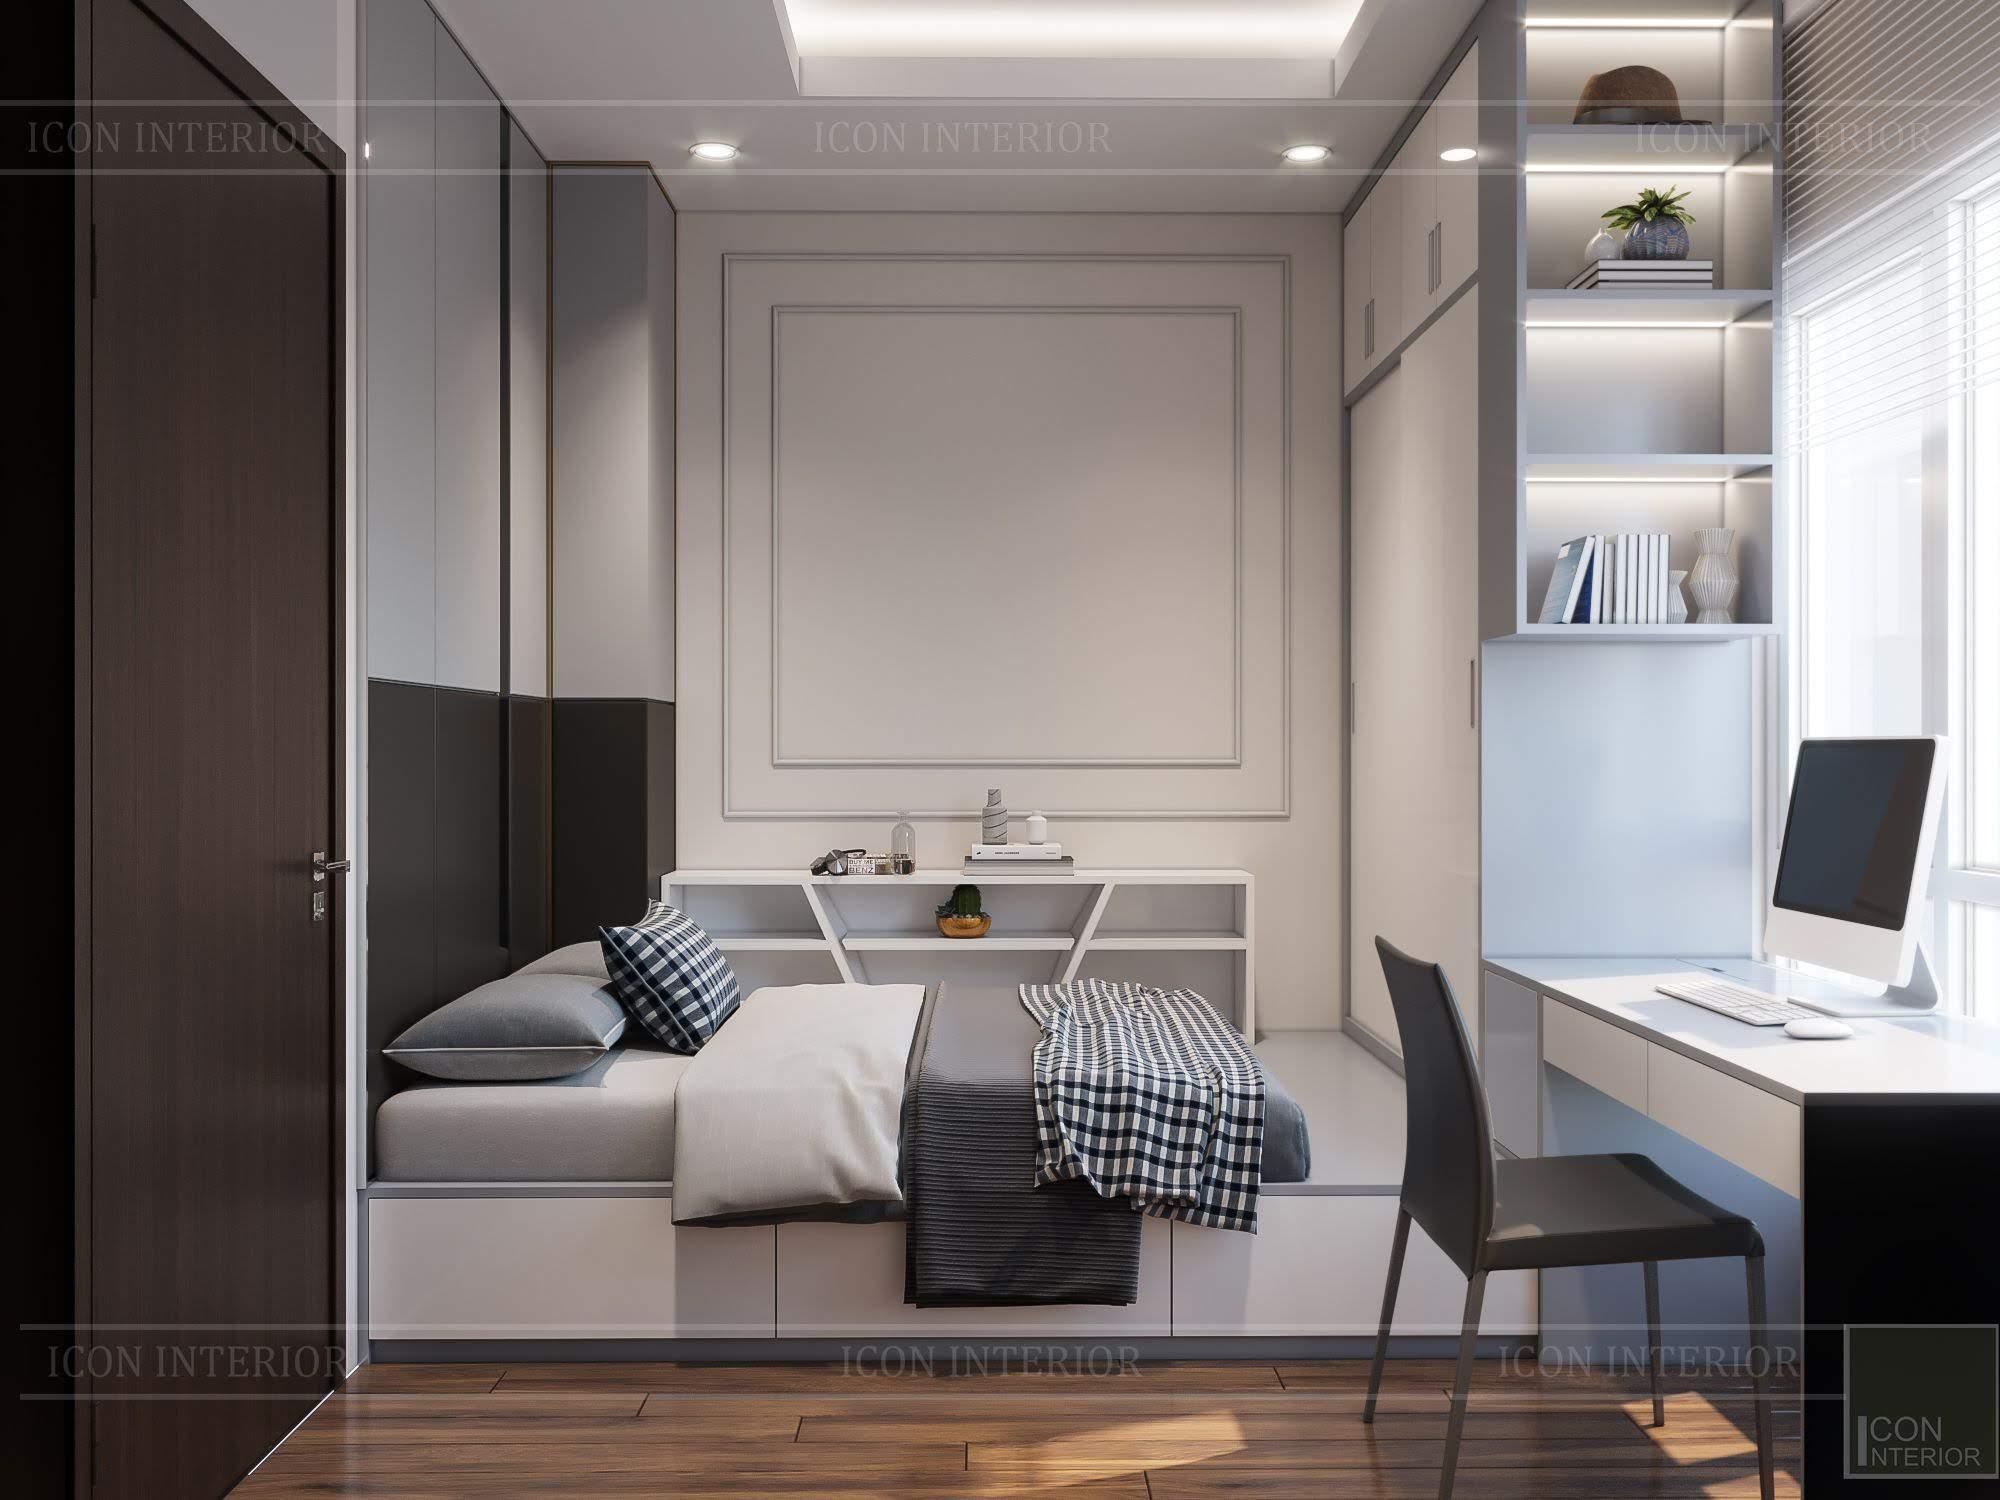 thiết kế căn hộ đập thông - phòng ngủ bé trai